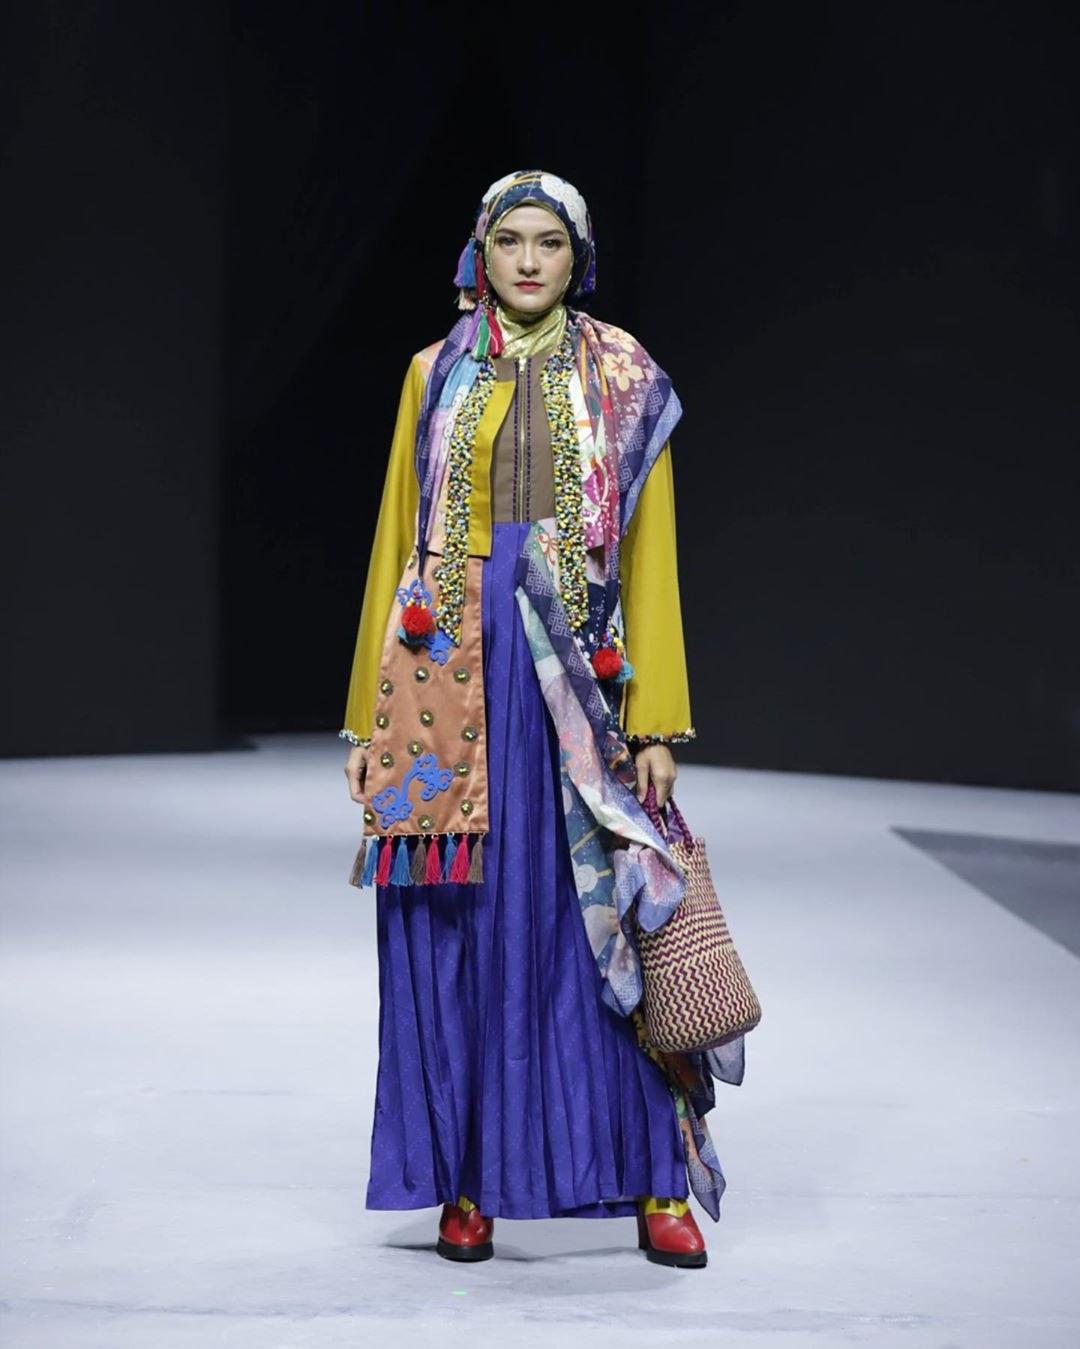 Bentuk Model Baju Lebaran Tahun 2020 Mndw Inspirasi Model Baju Lebaran 2020 Dari Para Desainer